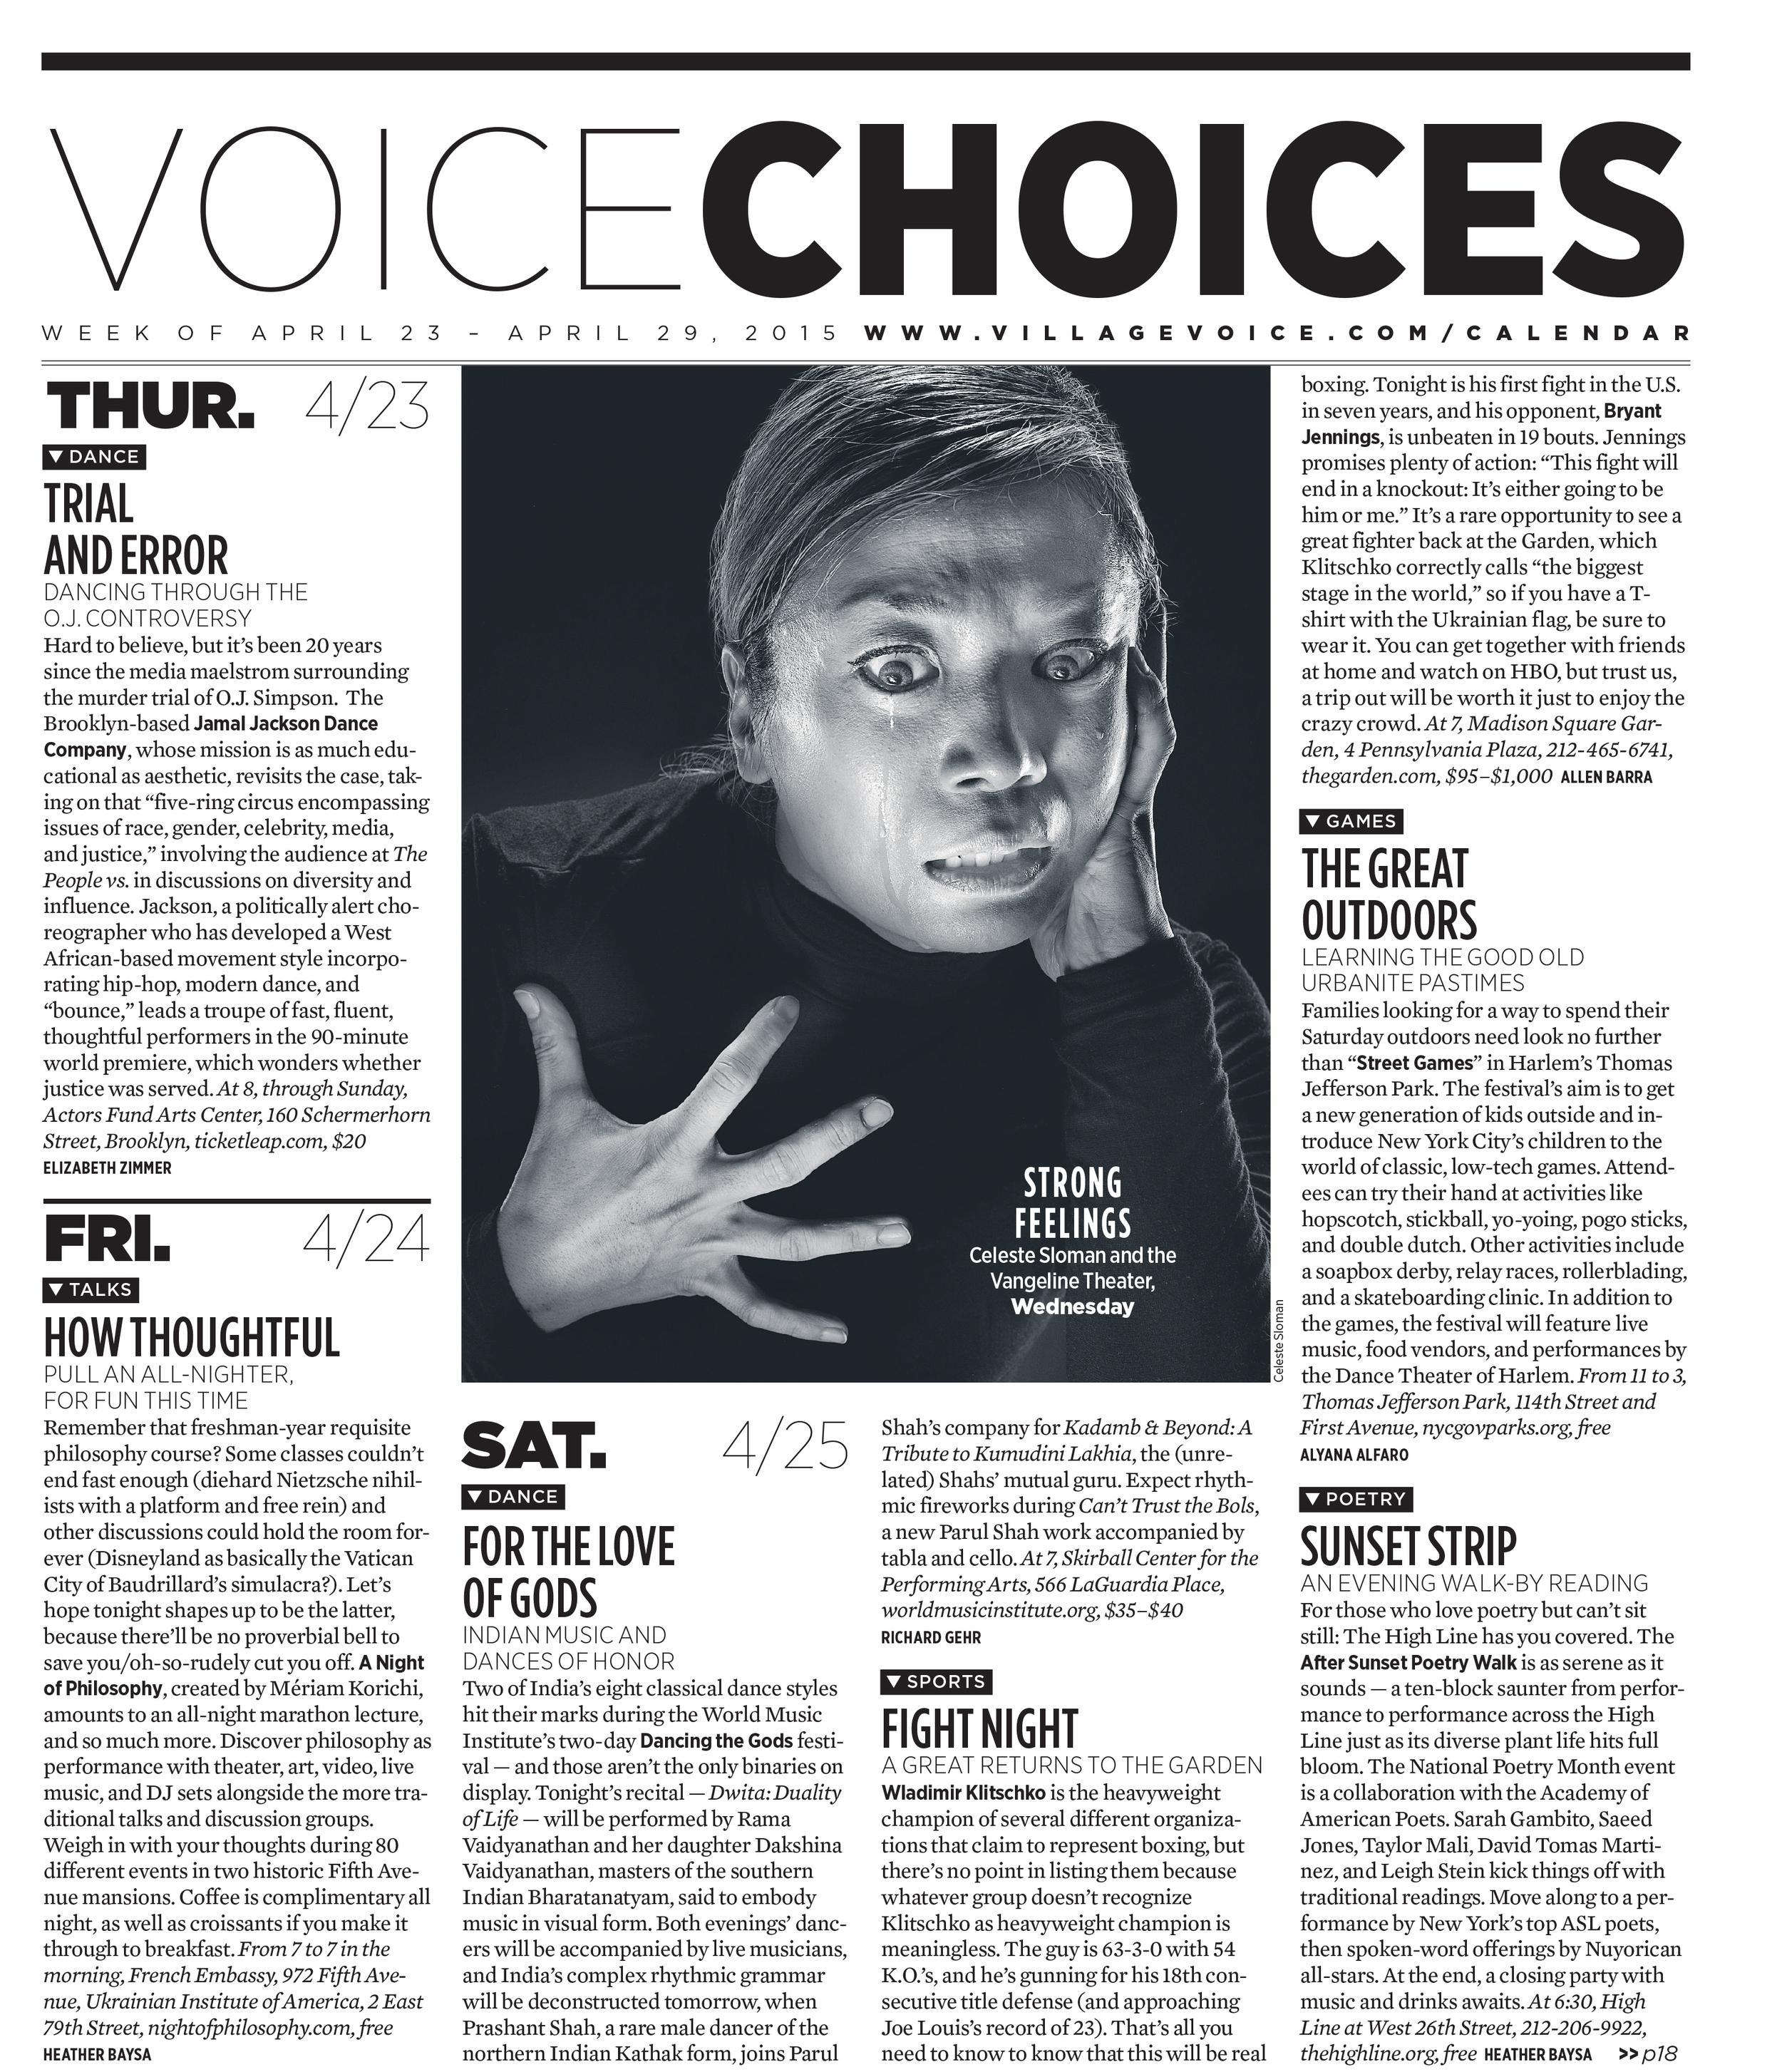 voice choice tres mort.jpg